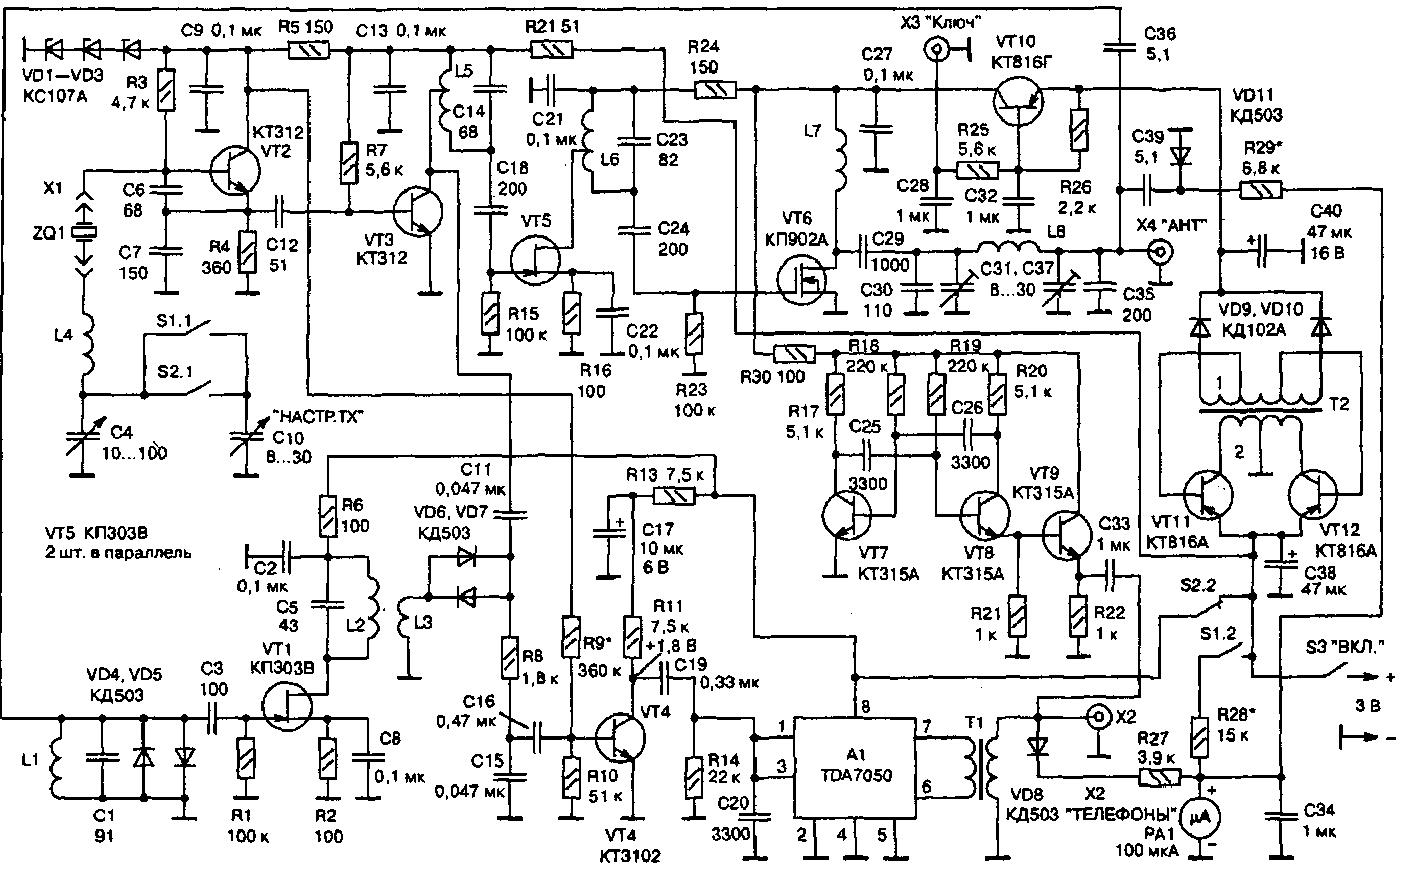 Однодиапазонный трансивер с низковольтным питанием 3v (21 мгц)